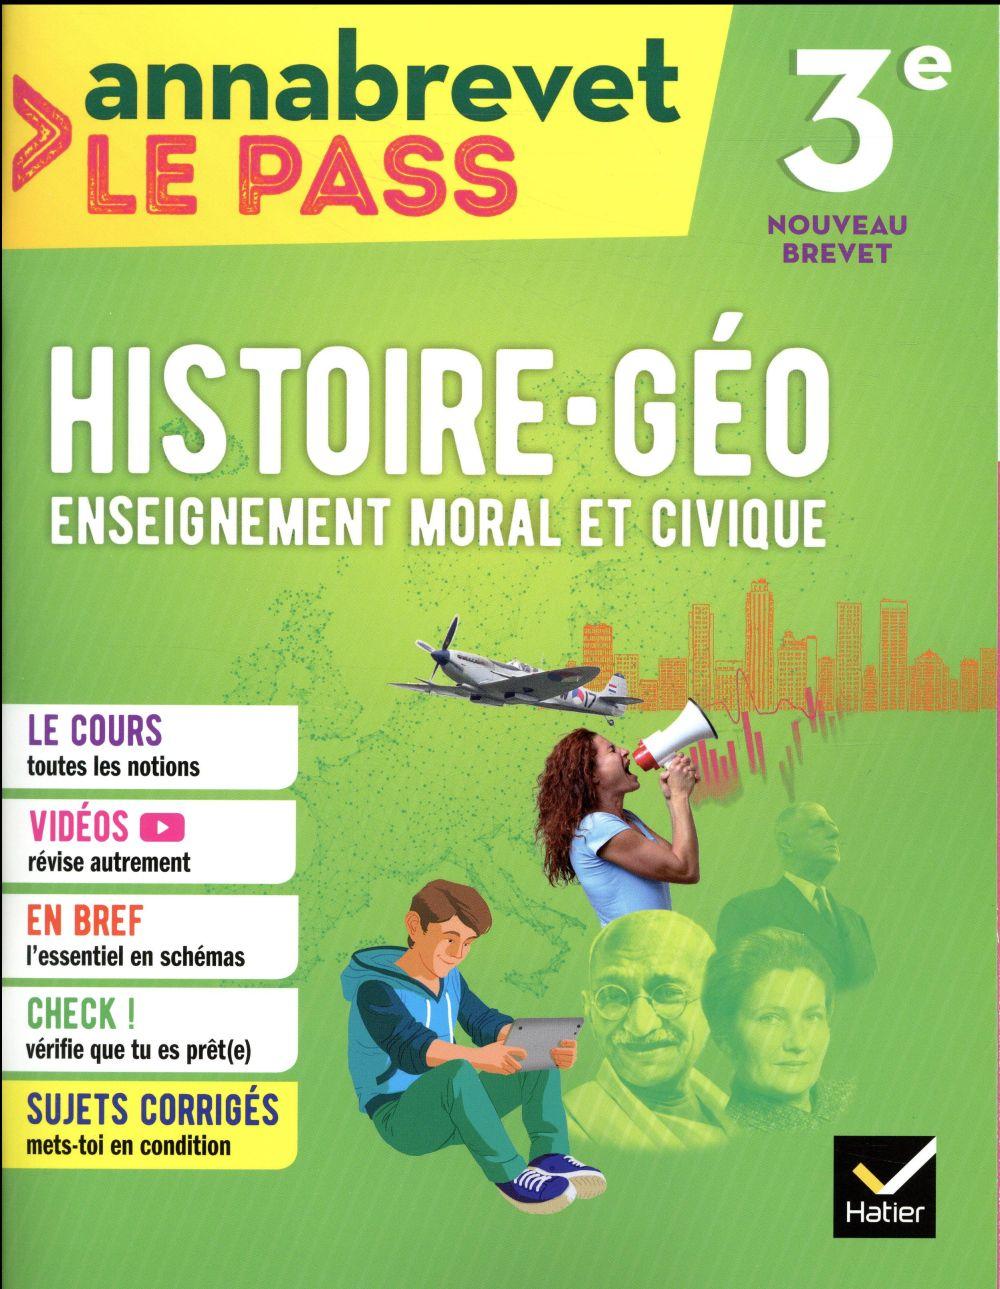 ANNABREVET LE PASS  -  HISTOIRE-GEOGRAPHIE EMC  -  3E (EDITION 2018)  CHEVALLIER, MARIELLE HATIER SCOLAIRE